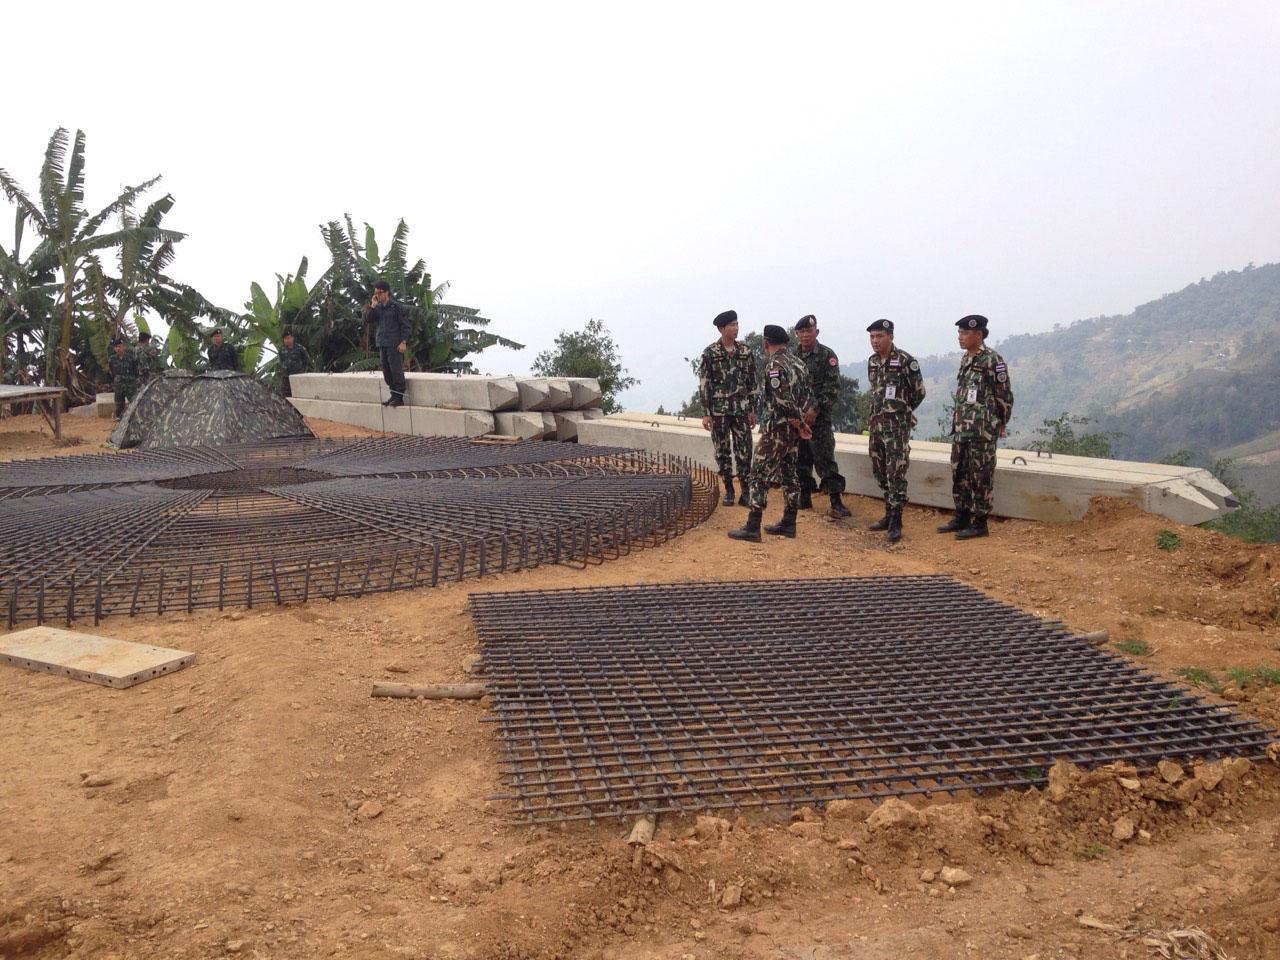 ทหารเข้ายึดวัสดุก่อสร้างเจดีย์